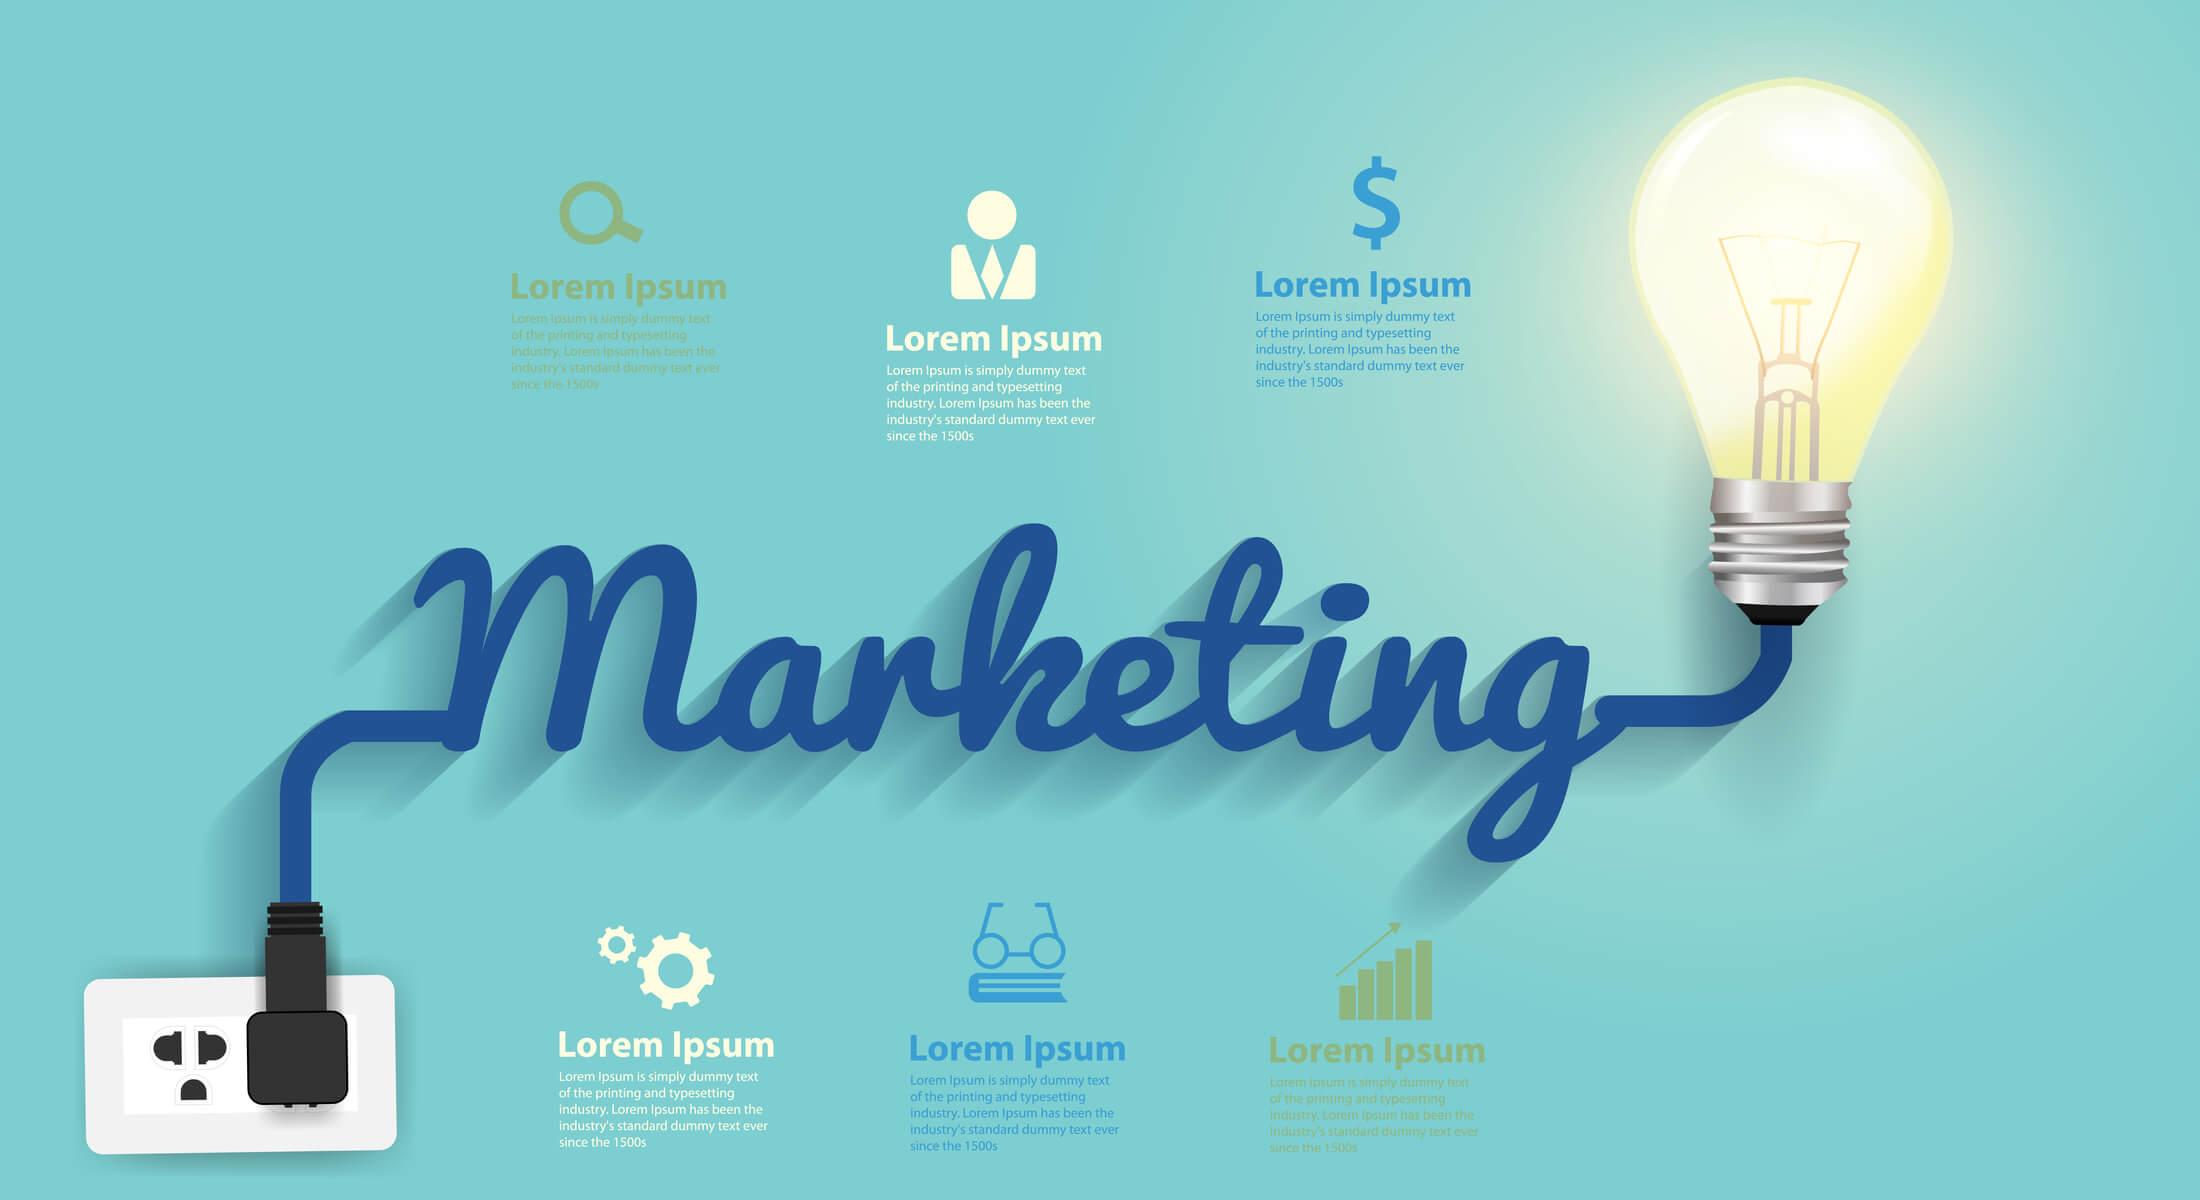 ilustração infográfica sobre marketing e caracteristicas relacioandas